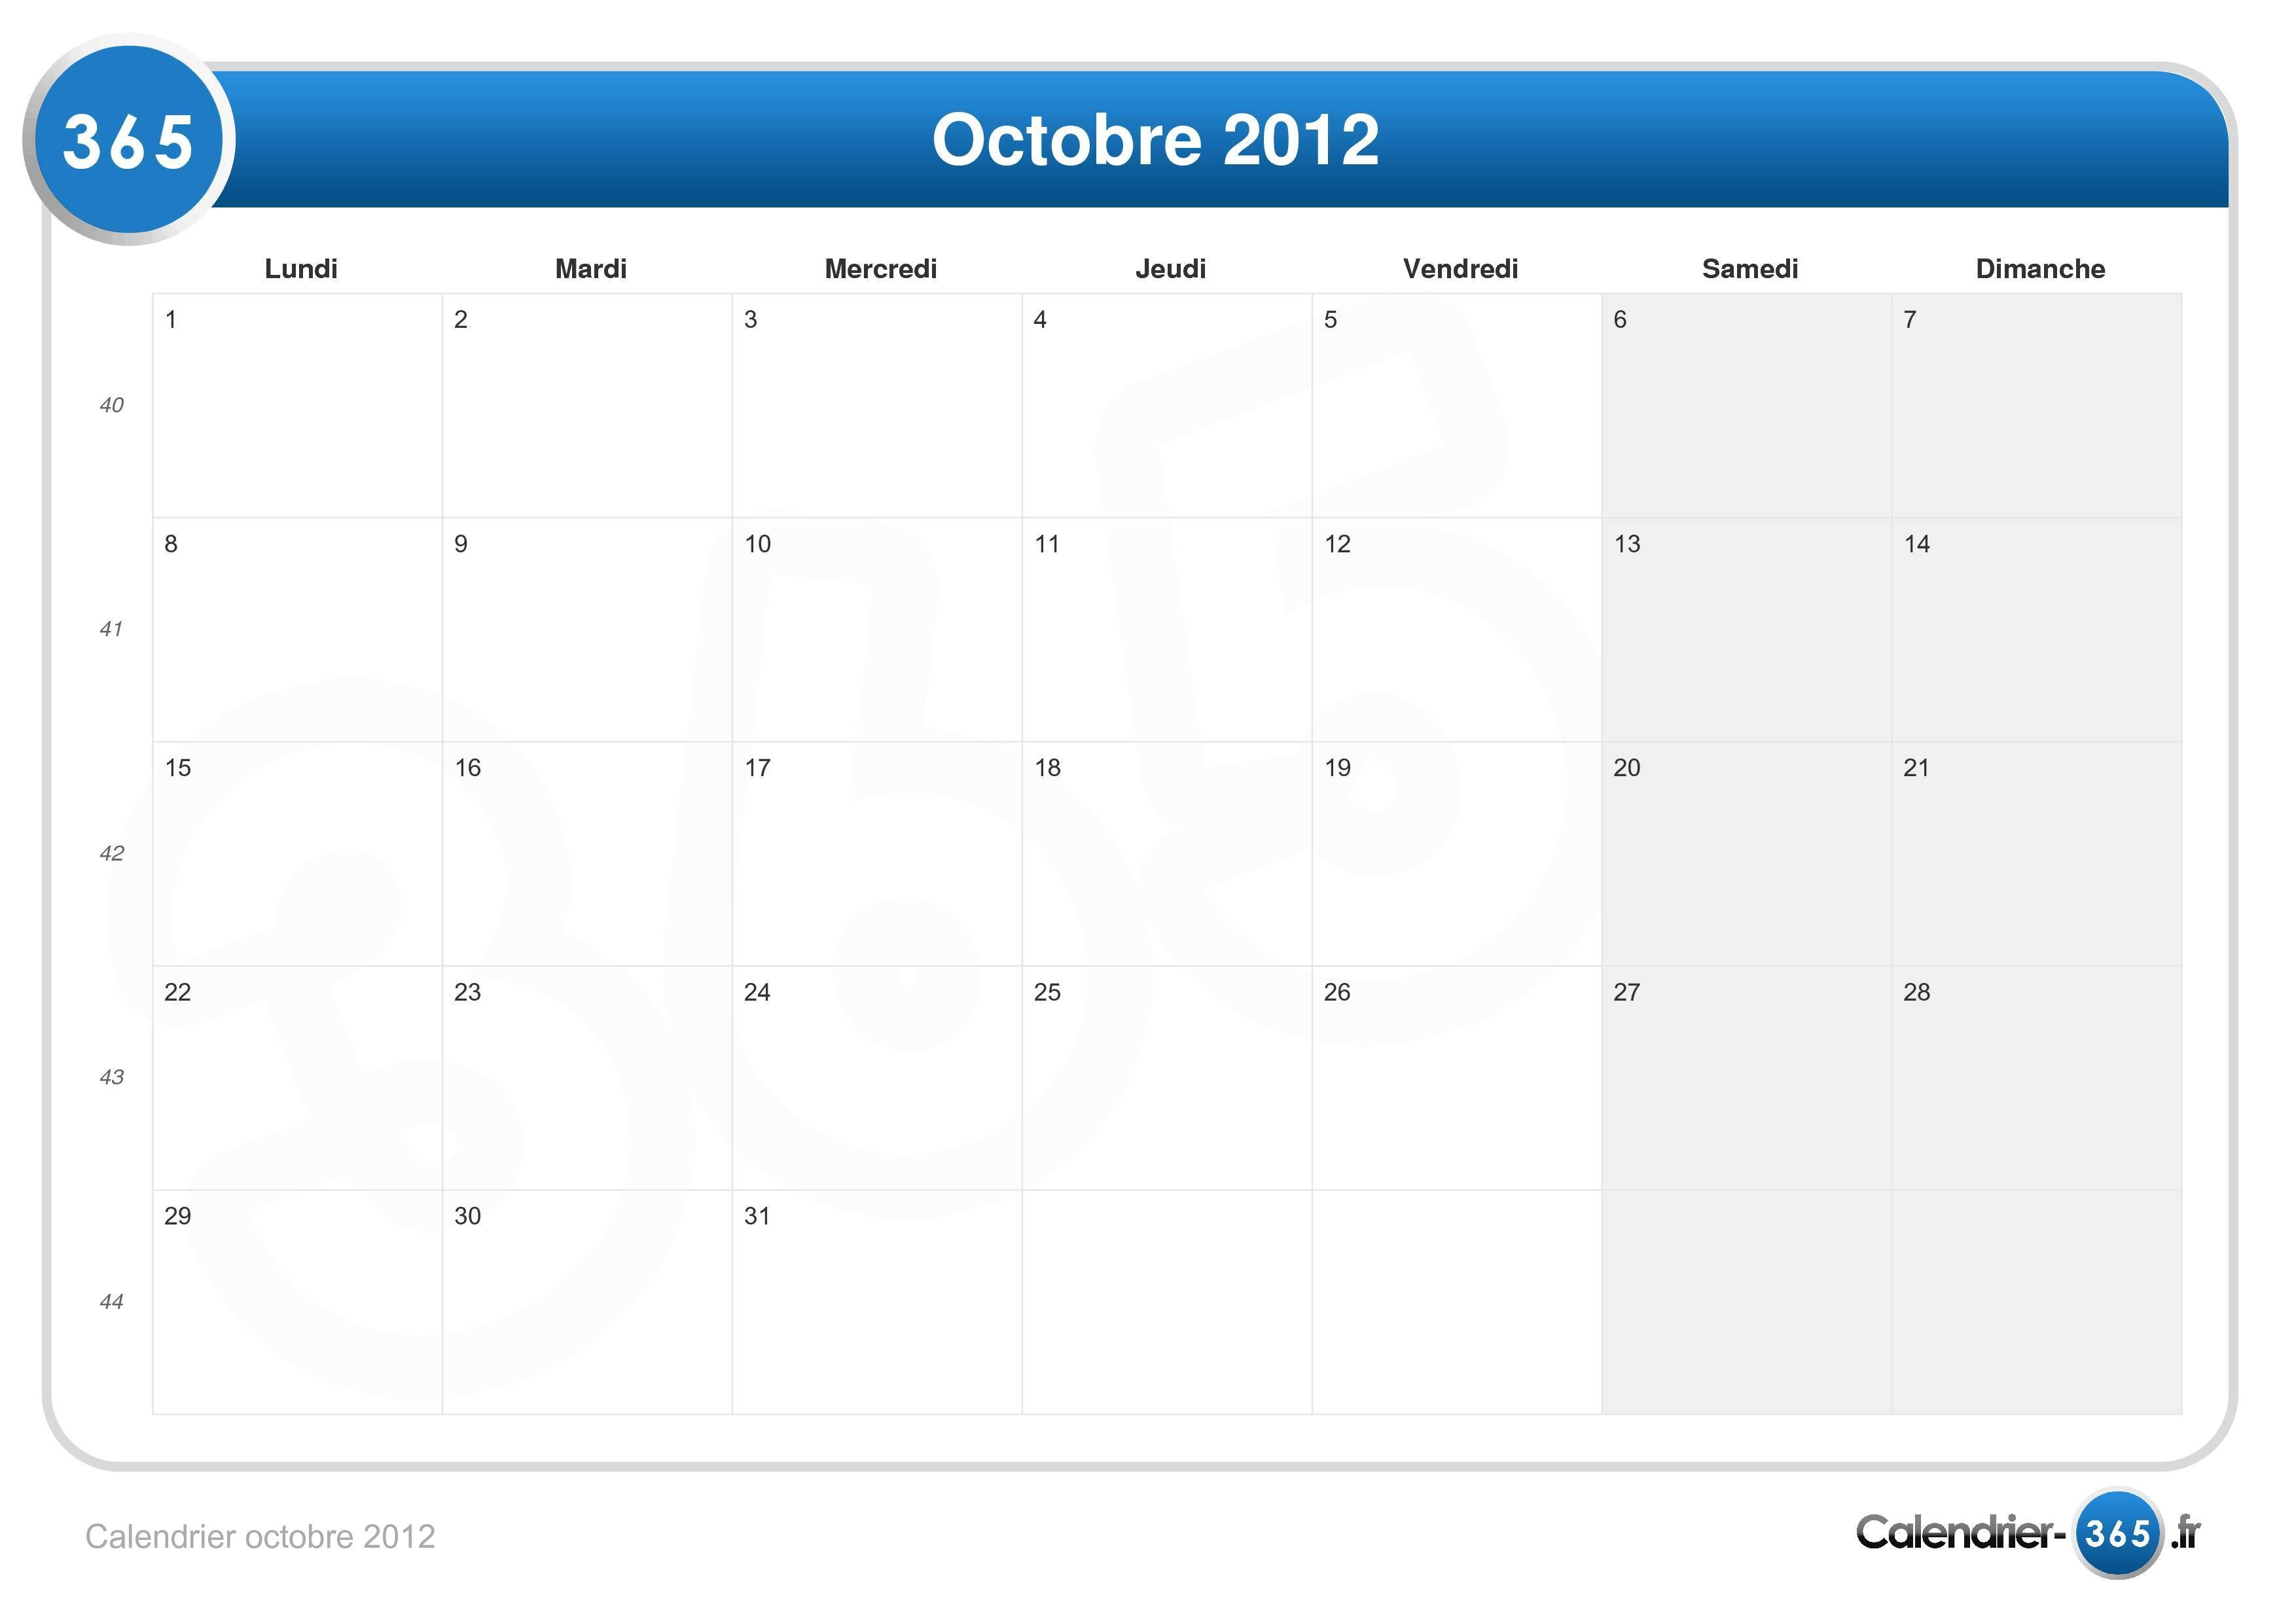 Calendrier octobre 2012